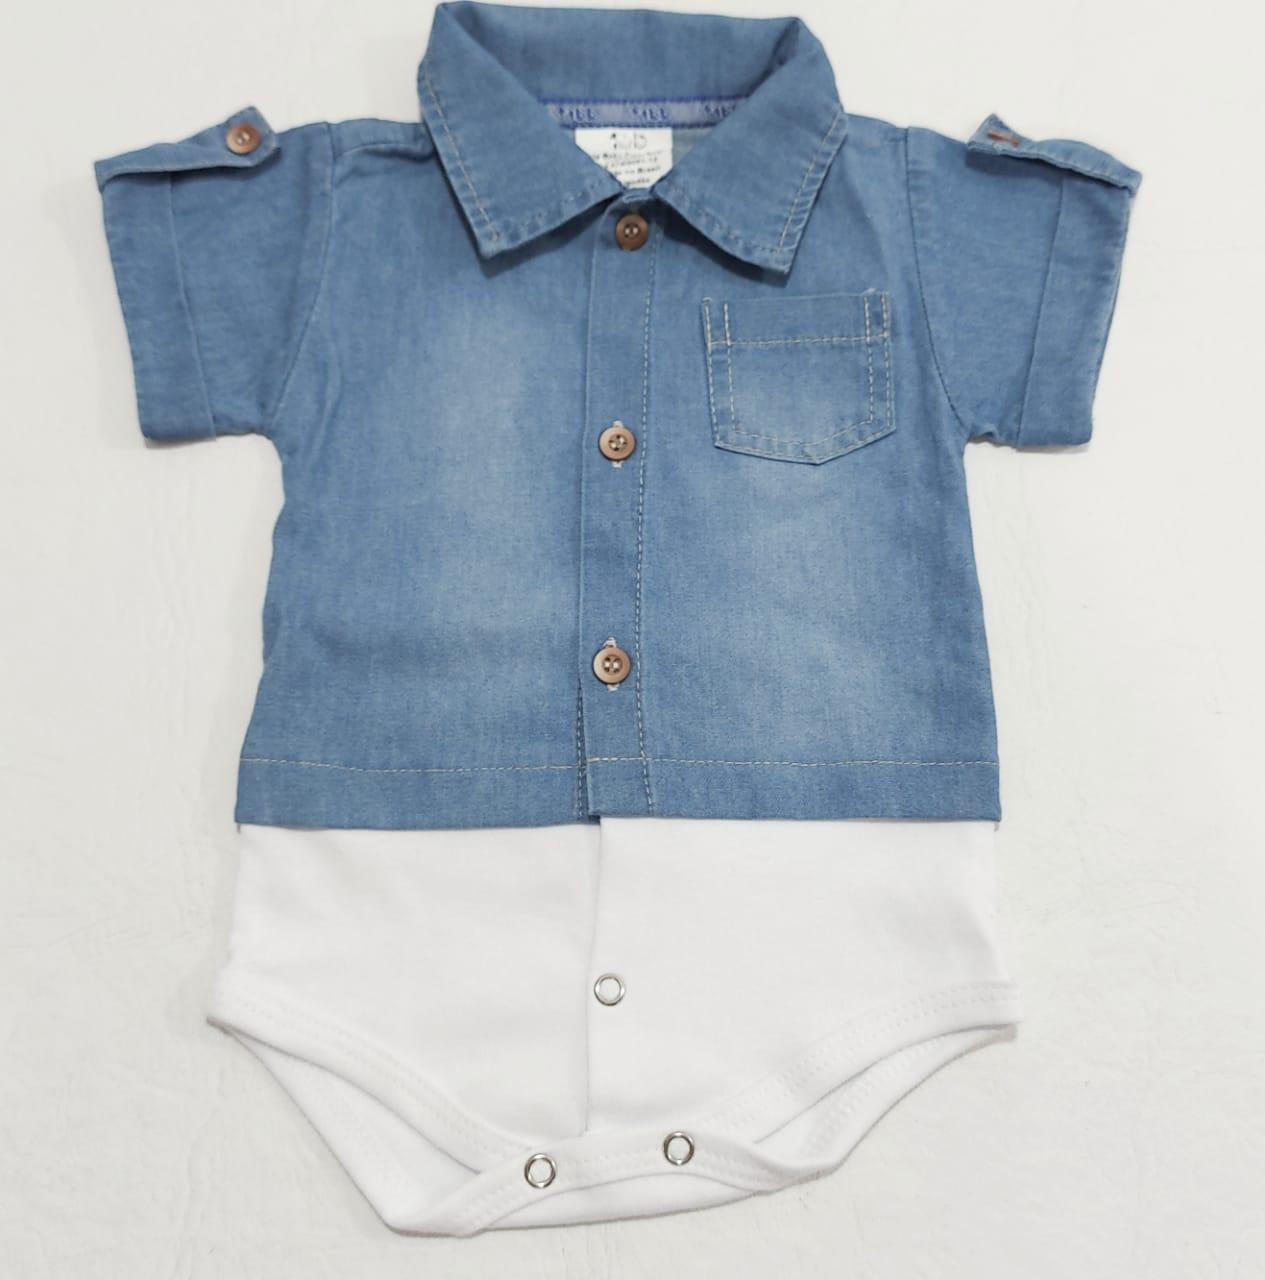 Body Jeans Menino - Meia Manga - 01 peça - 0 à 8 meses - 100% algodão - +1BB